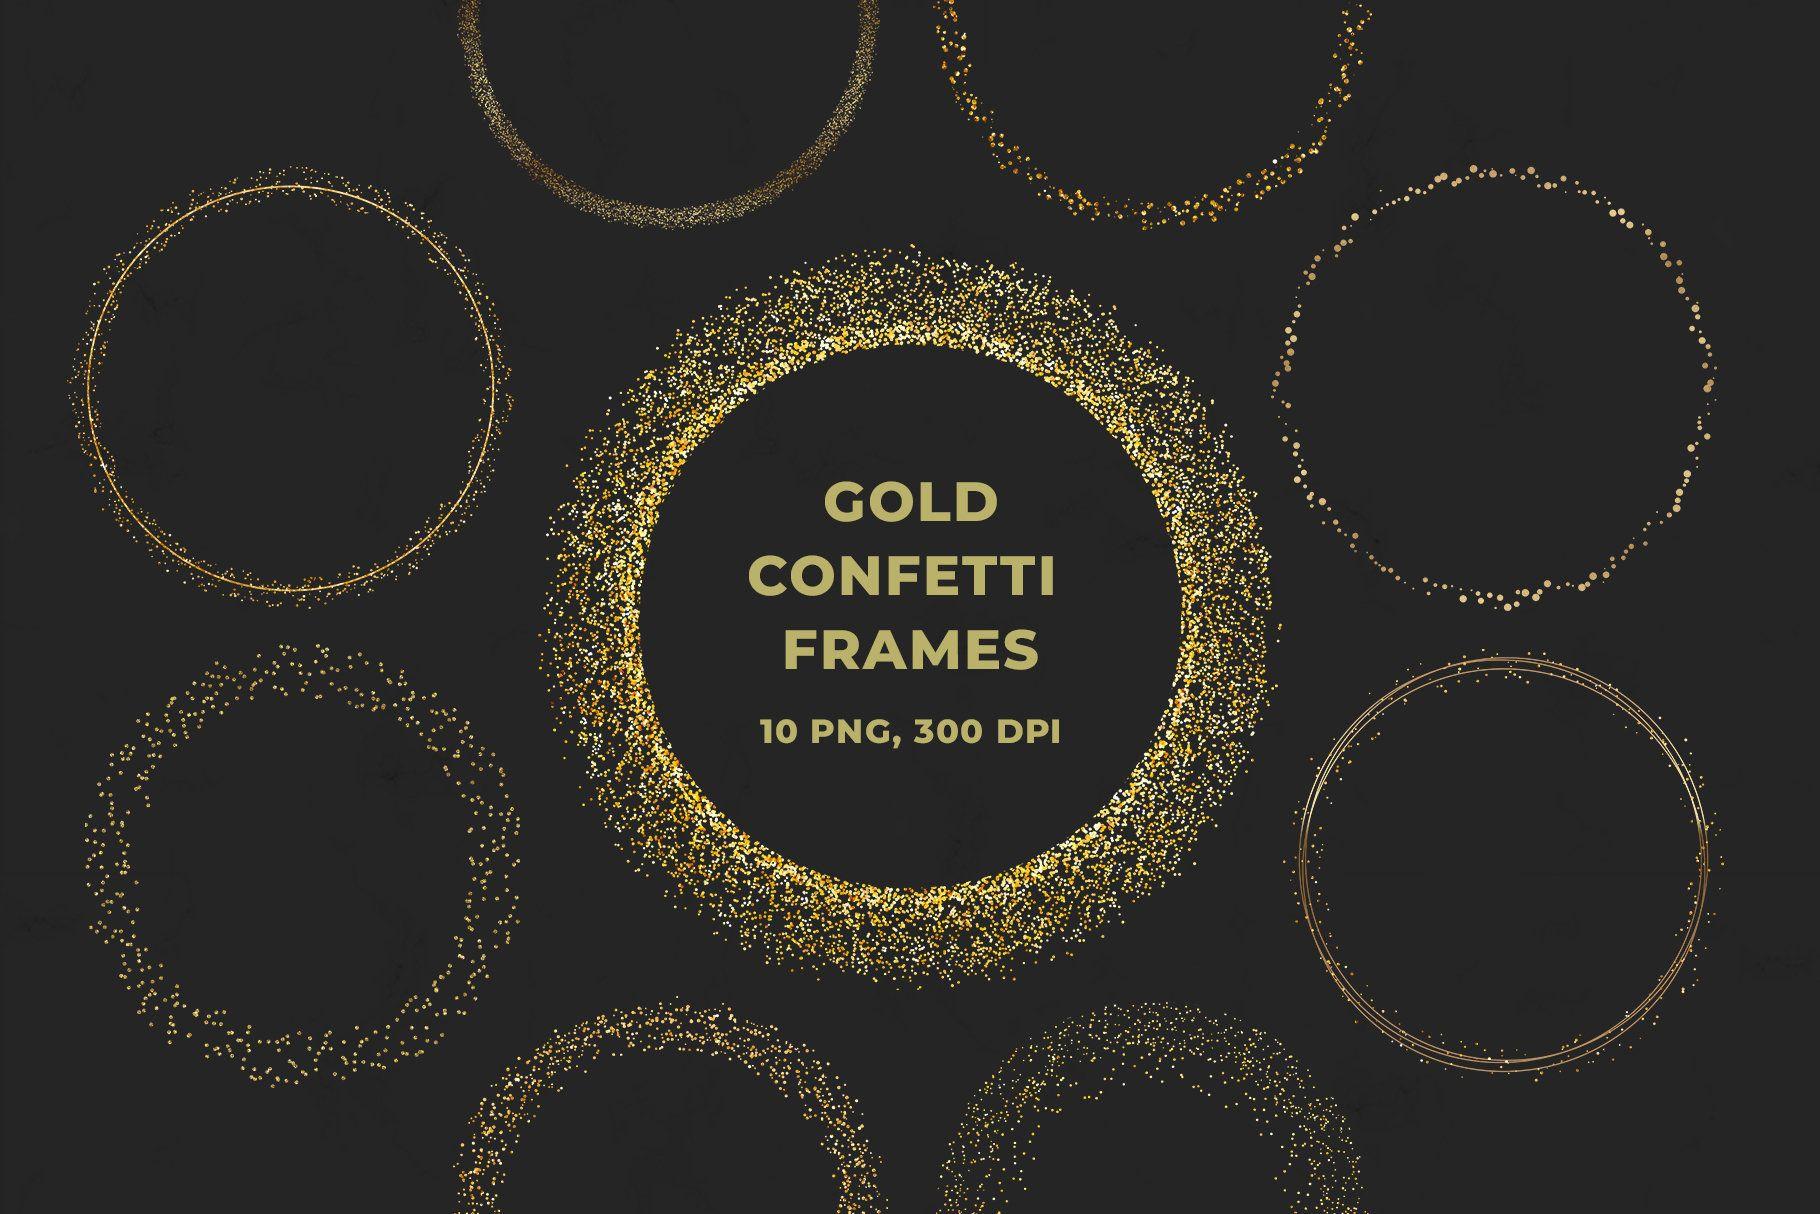 Gold Confetti Frames Circle Glitter Confetti Frames Clipart Etsy Frame Clipart Gold Confetti Confetti